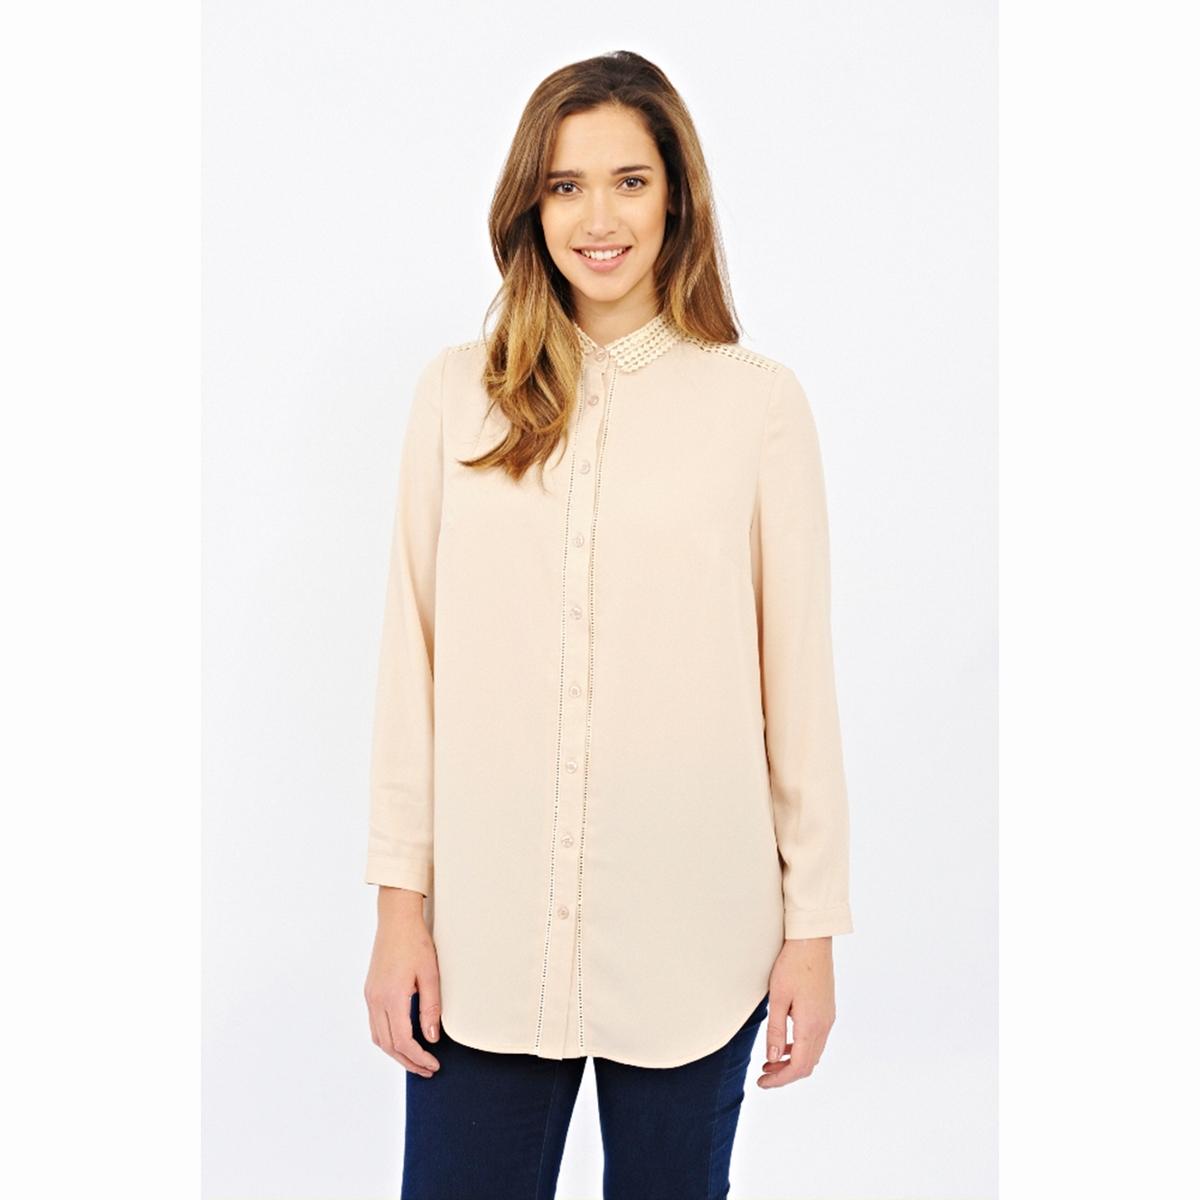 Блузка с длинными рукавамиБлузка с длинными рукавами LOVEDROBE. Красивая блузка с застёжкой на пуговицы по всей длине. Оригинальный рубашечный воротник и вставки на плечах. Длина около 84 см. 100% полиэстера<br><br>Цвет: бежевый